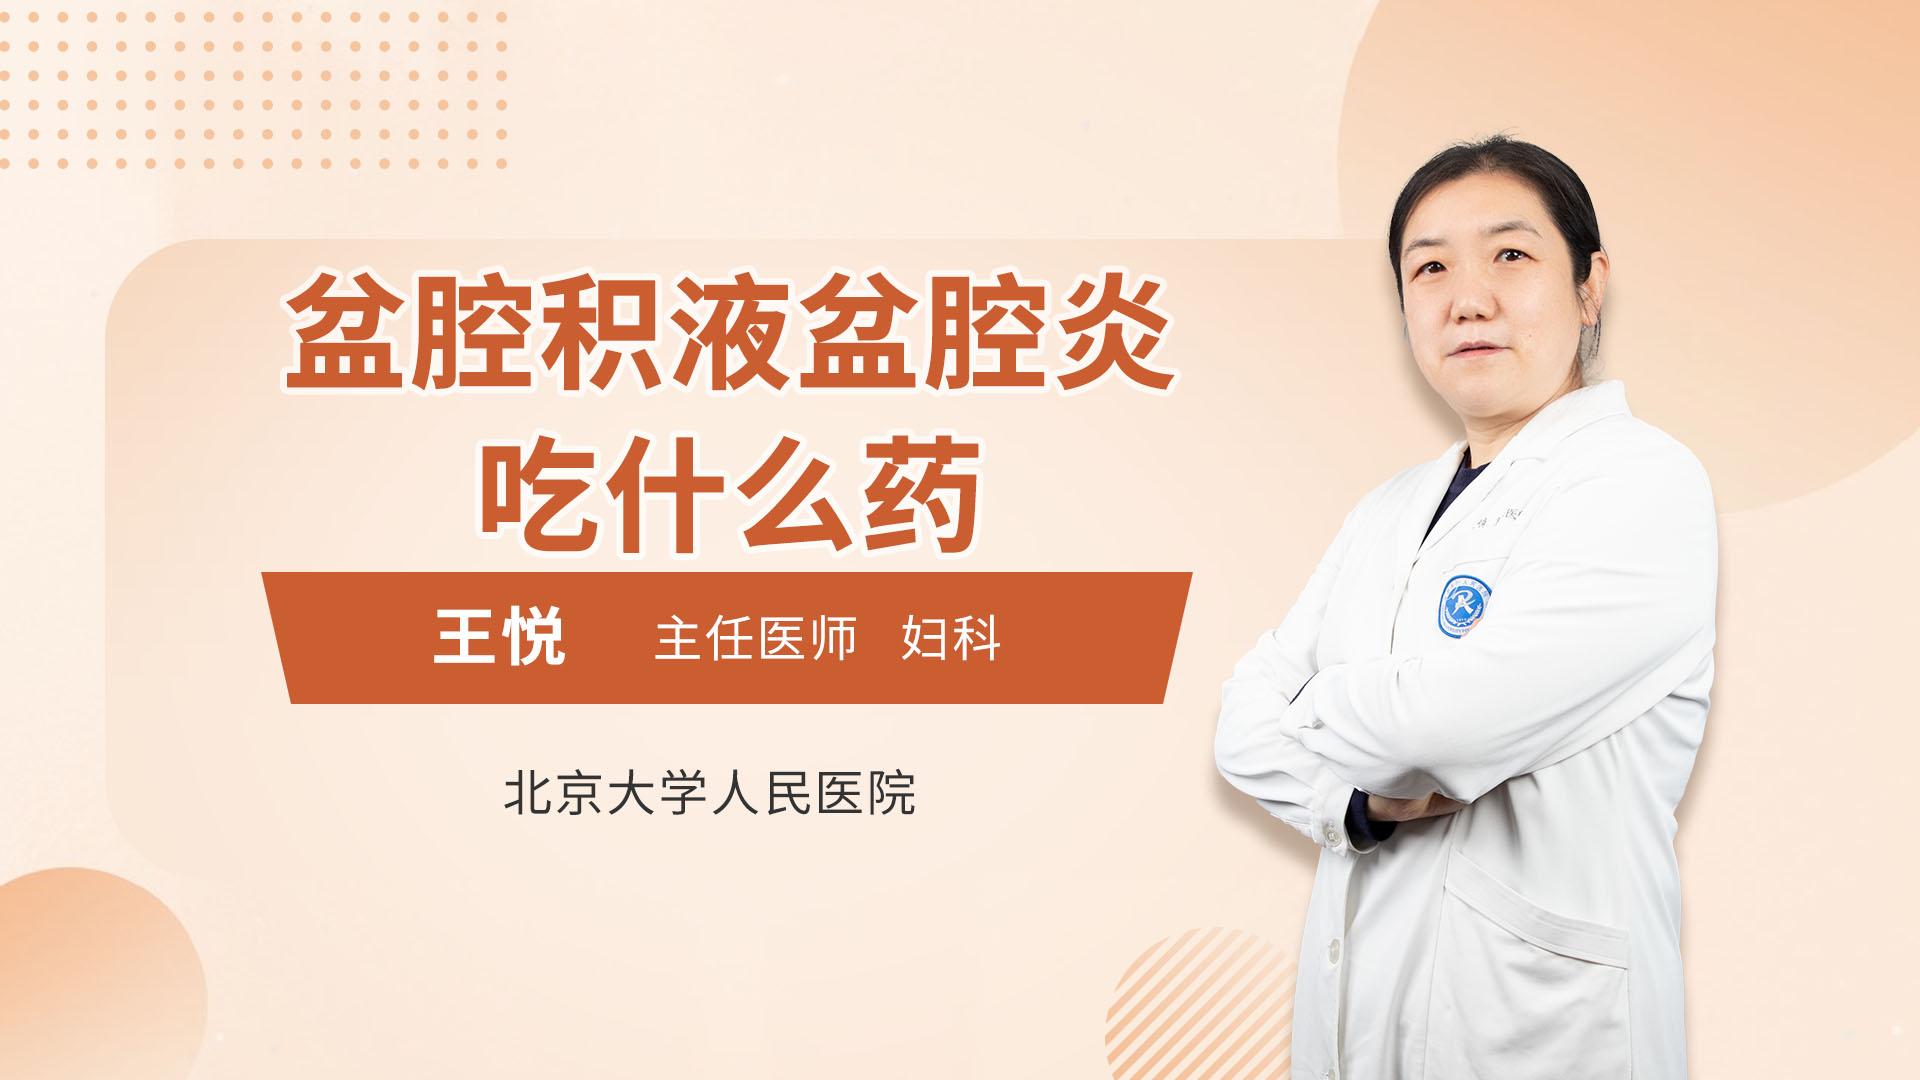 盆腔积液盆腔炎吃什么药